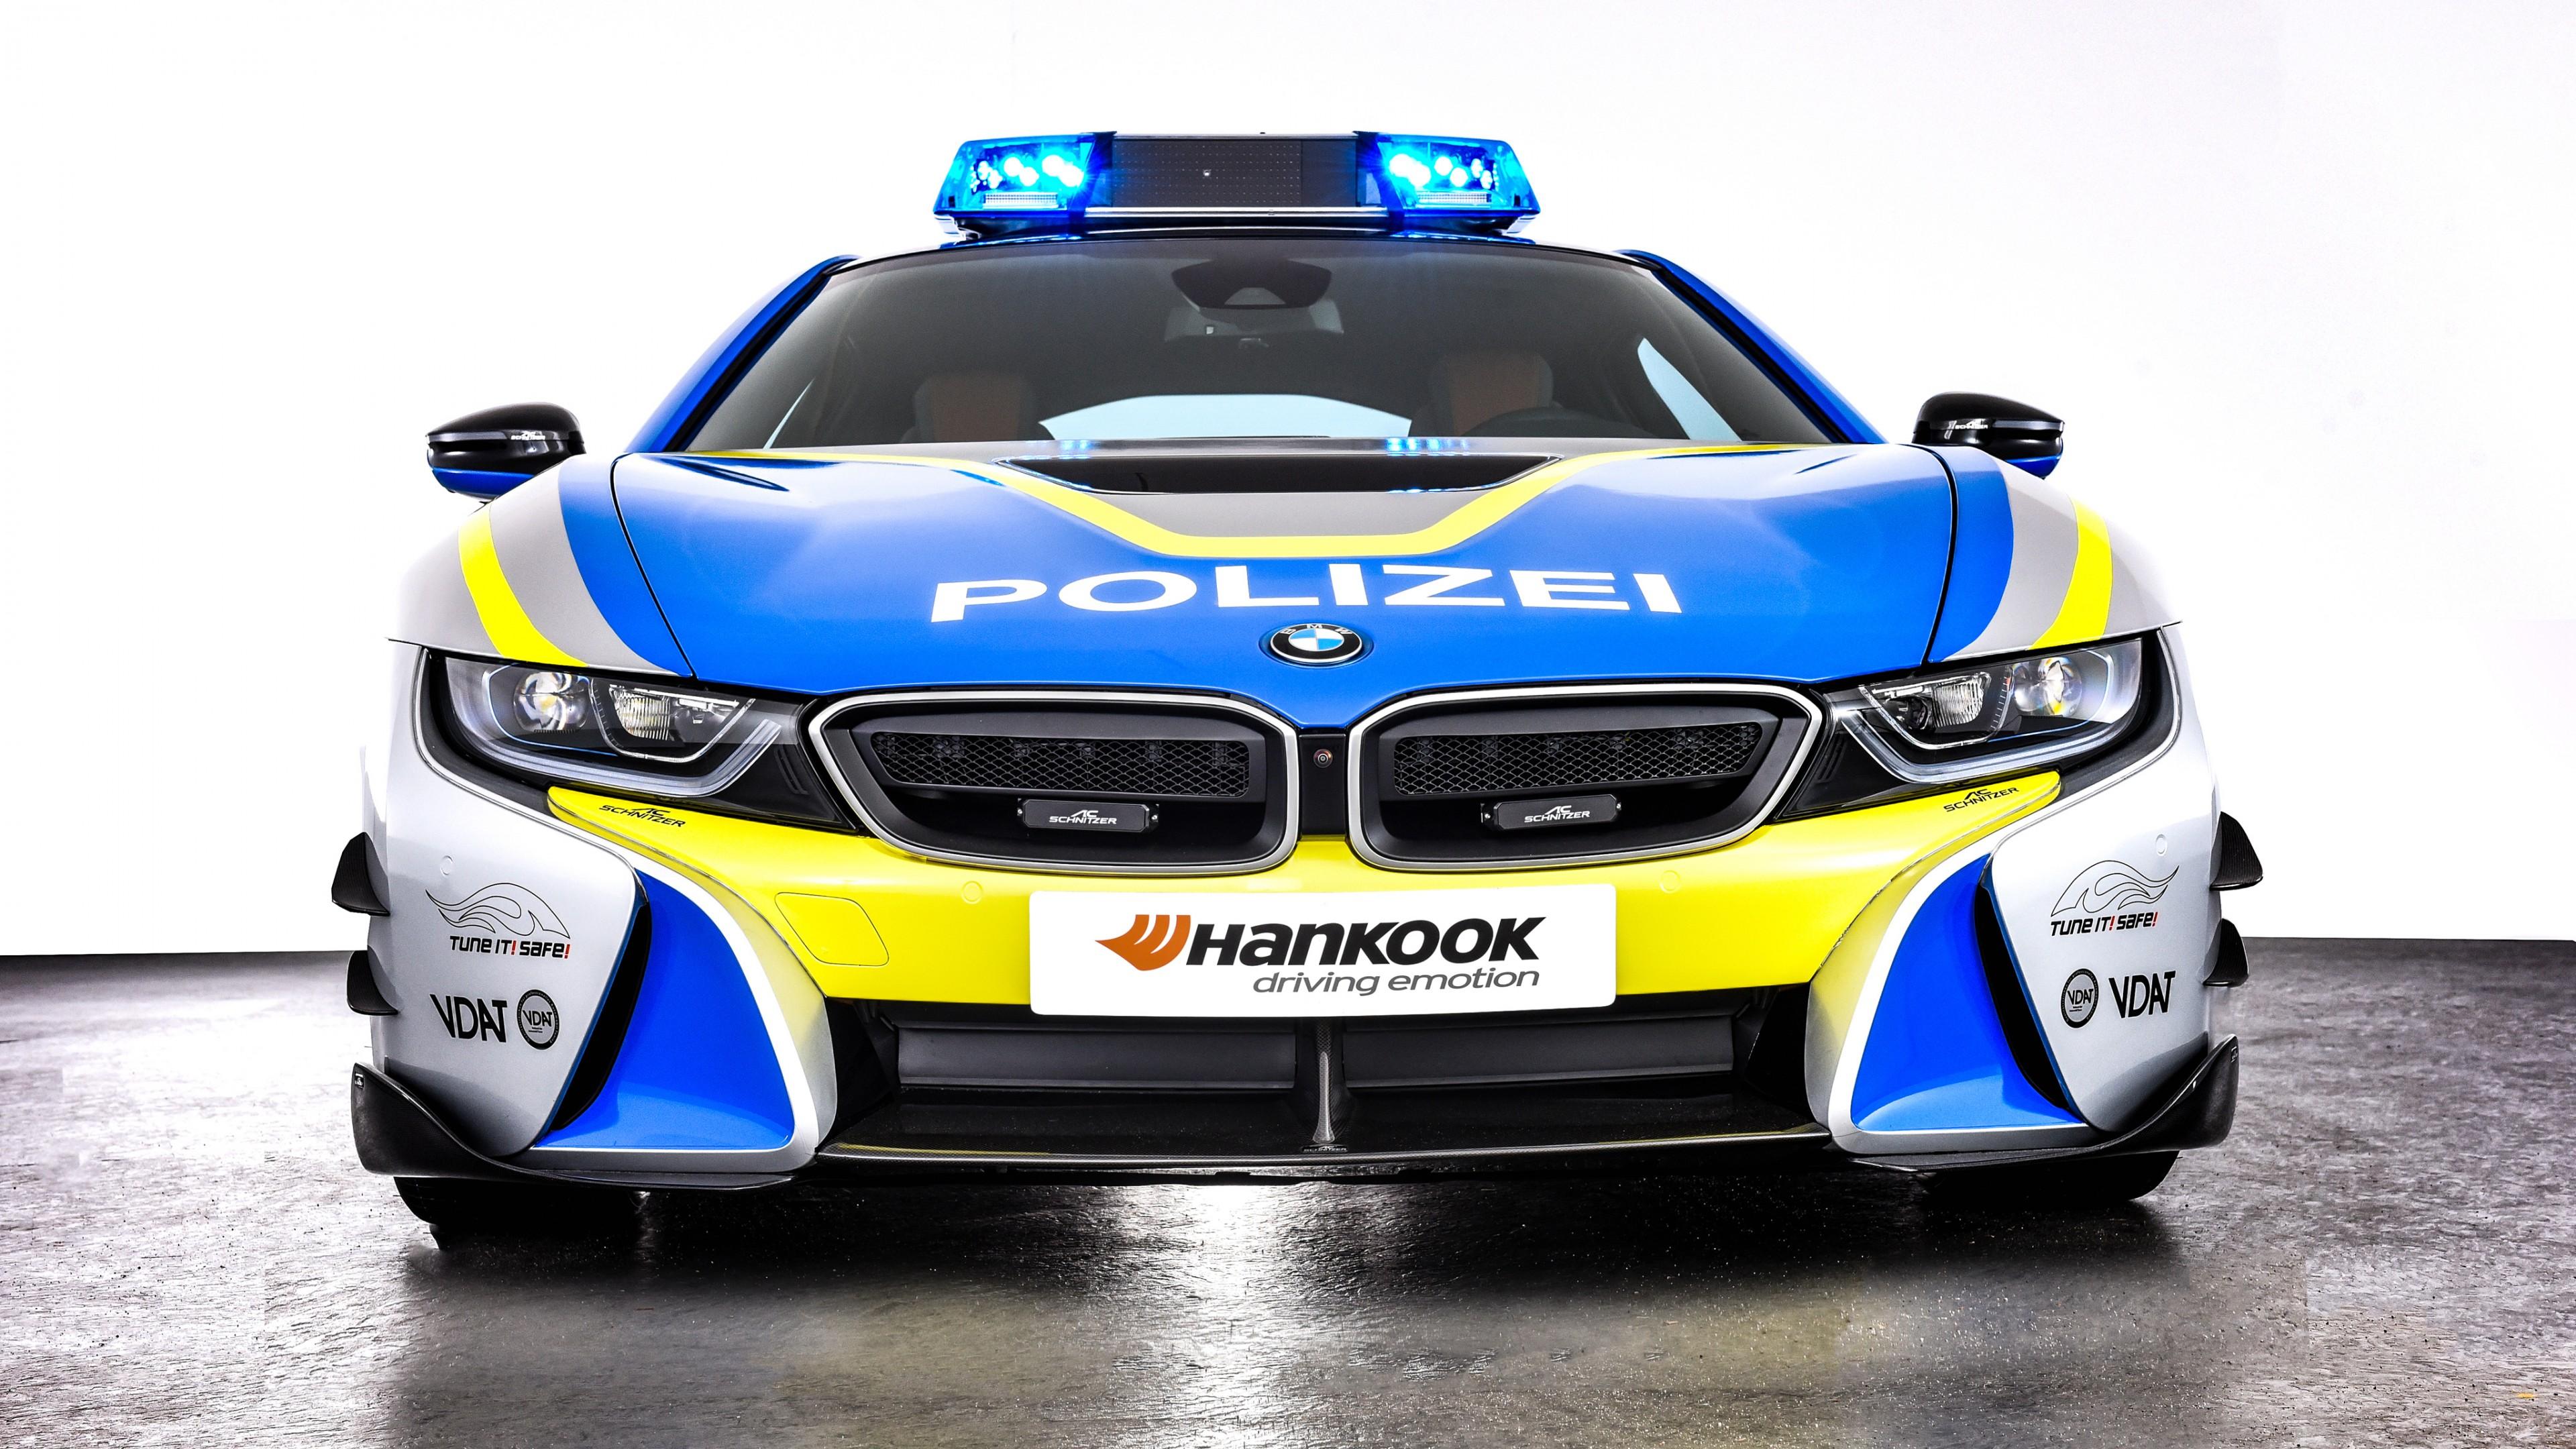 AC Schnitzer BMW i8 Polizei Tune it Safe Concept 2019 4K 2 Wallpaper